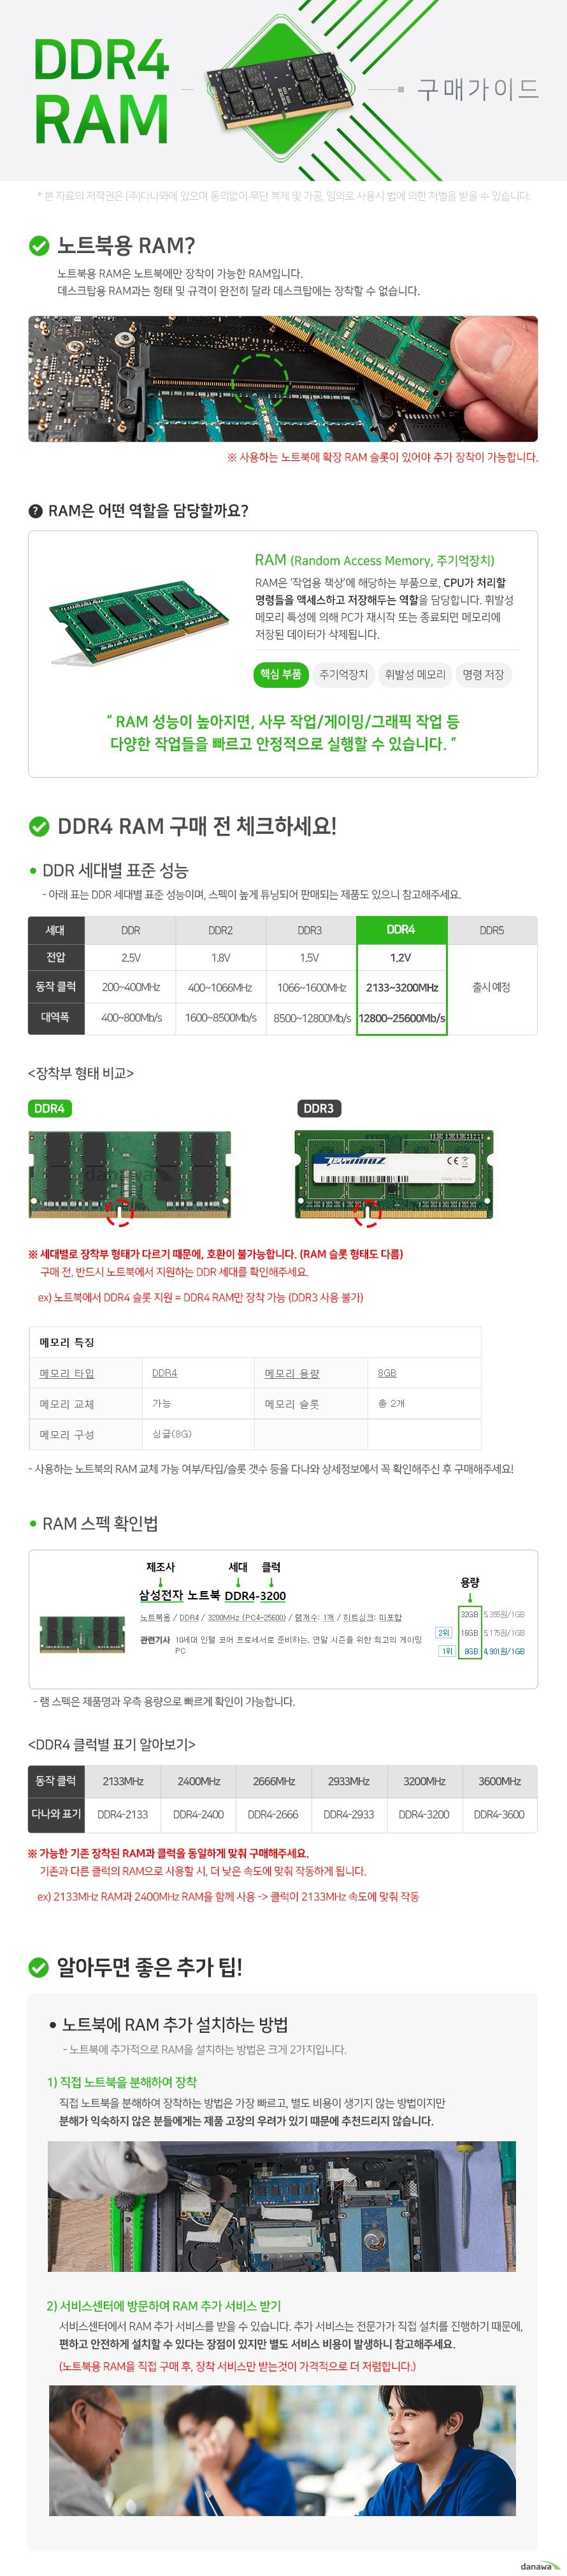 PATRIOT 노트북 DDR4-3200 CL22 SIGNATURE (8GB)